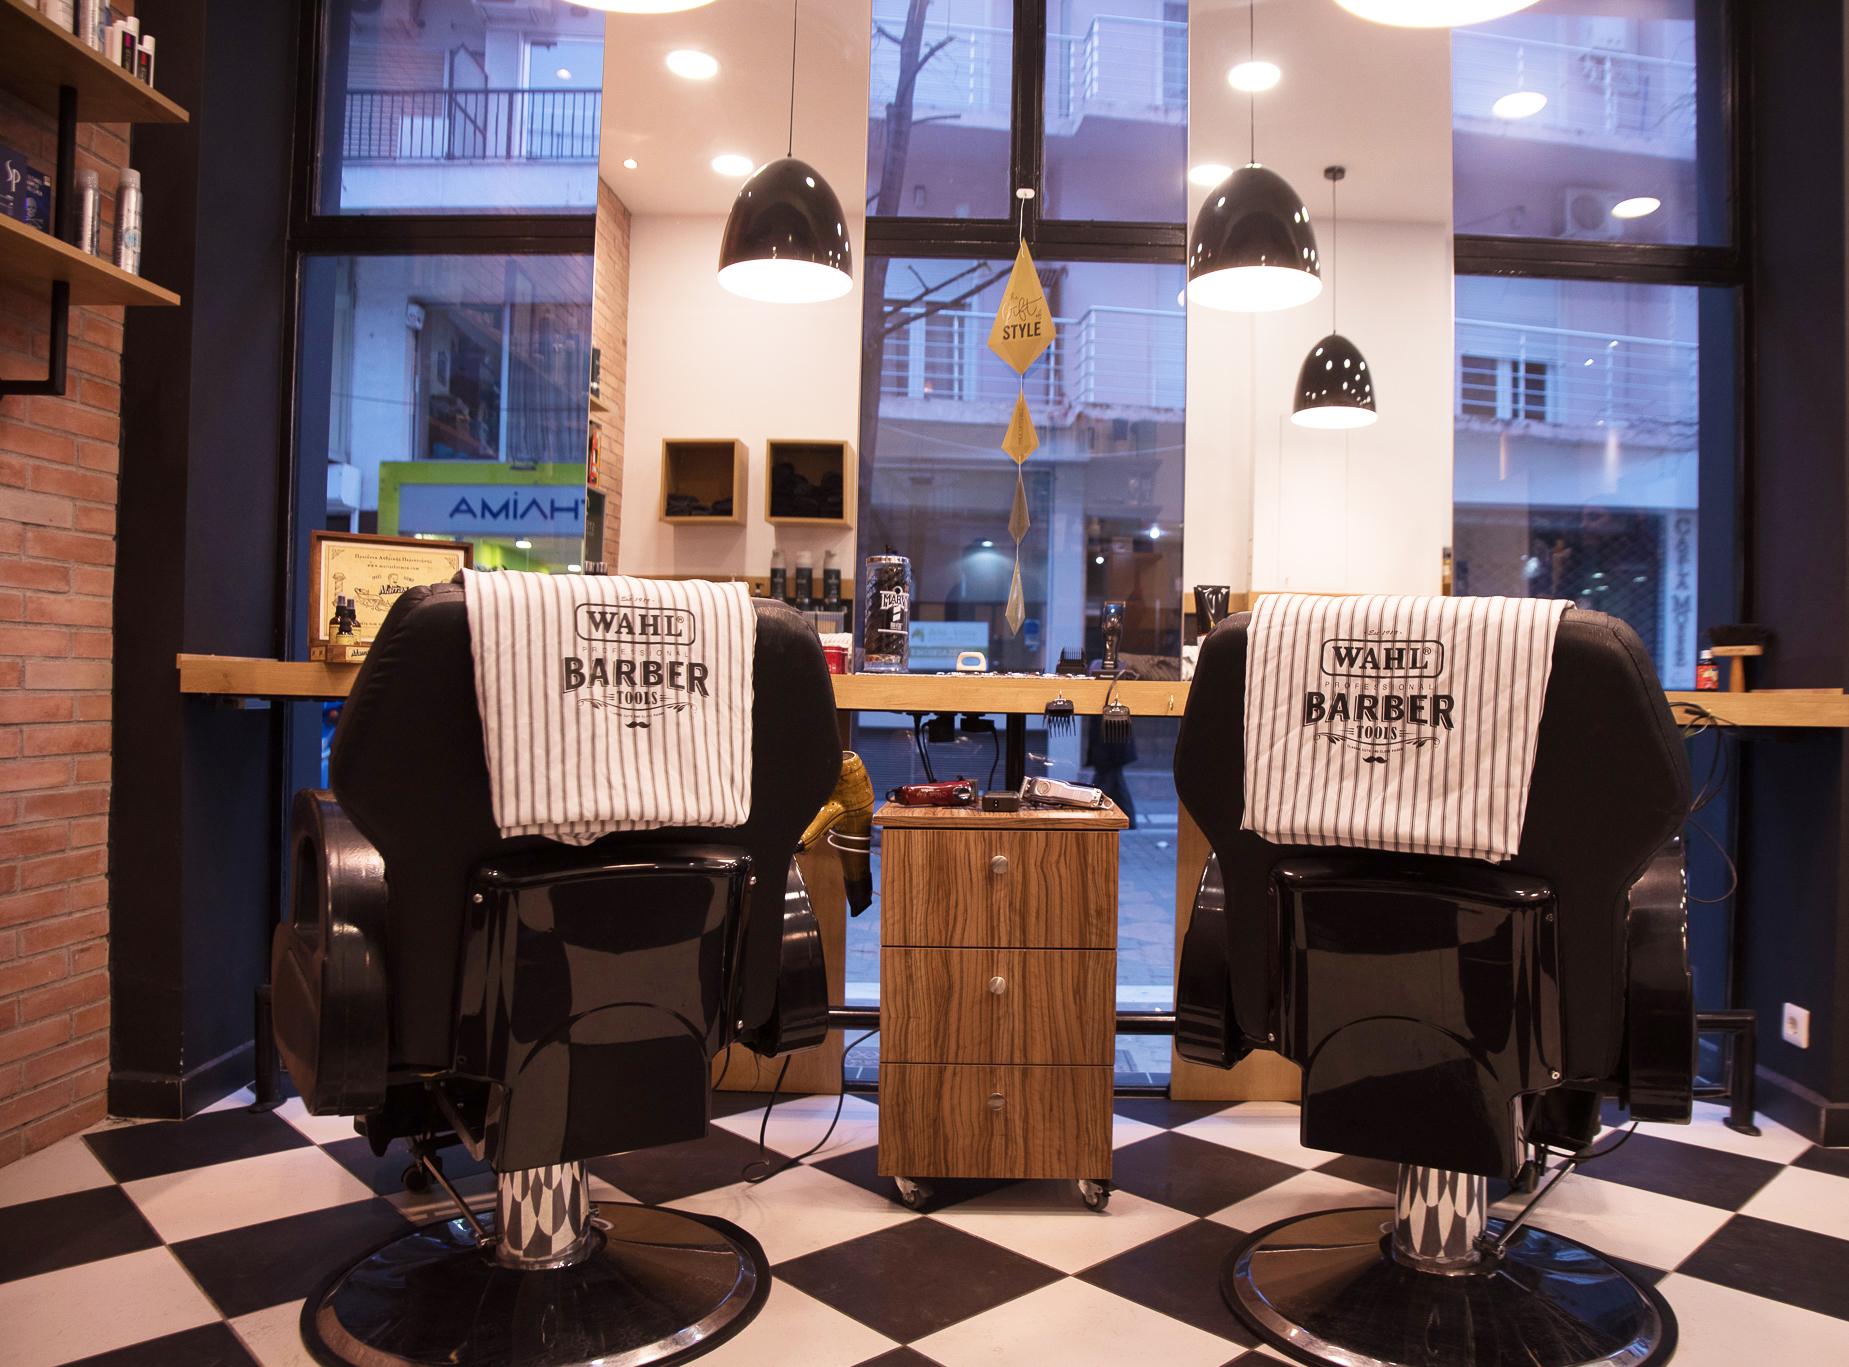 Χώρος για αντρικά κουρέματα (barber) στην Λάρισα